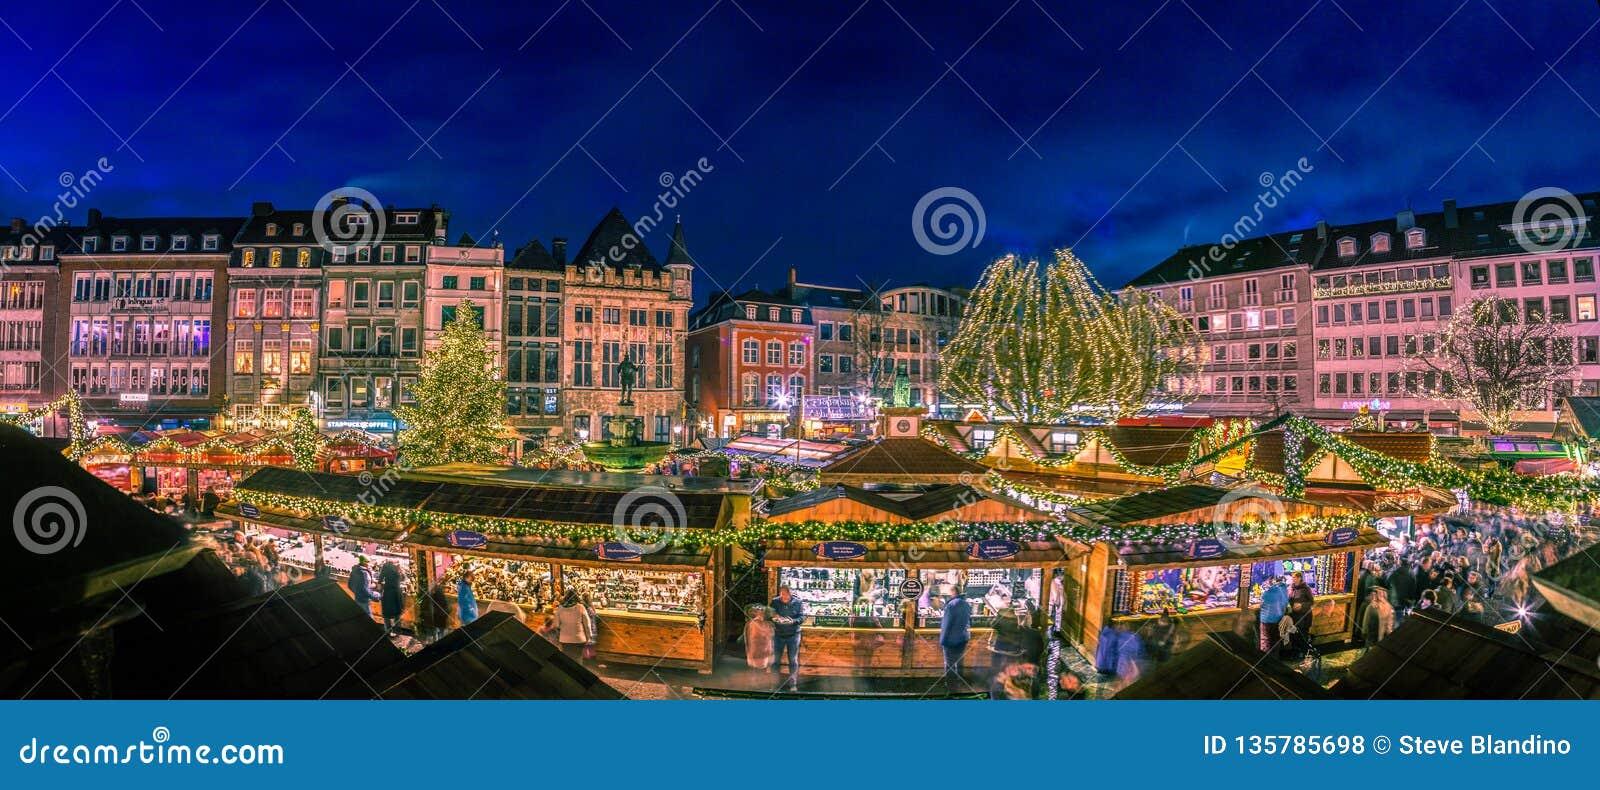 Aachen Christmas village